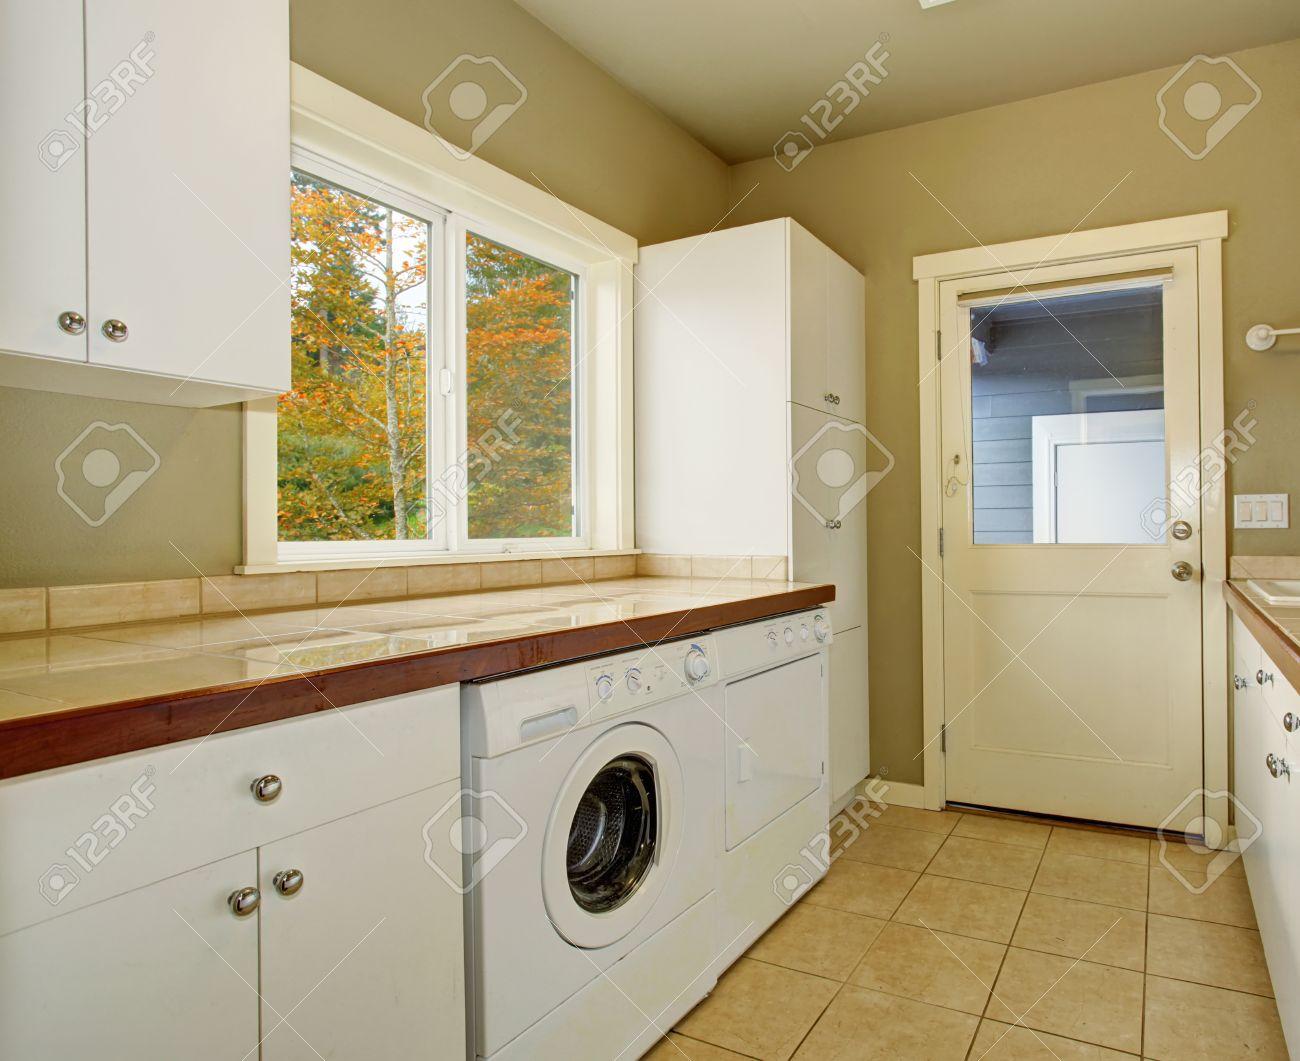 Hauswirtschaftsraum Mit Schränken Fliesen-Zähler Waschmaschine Und ...